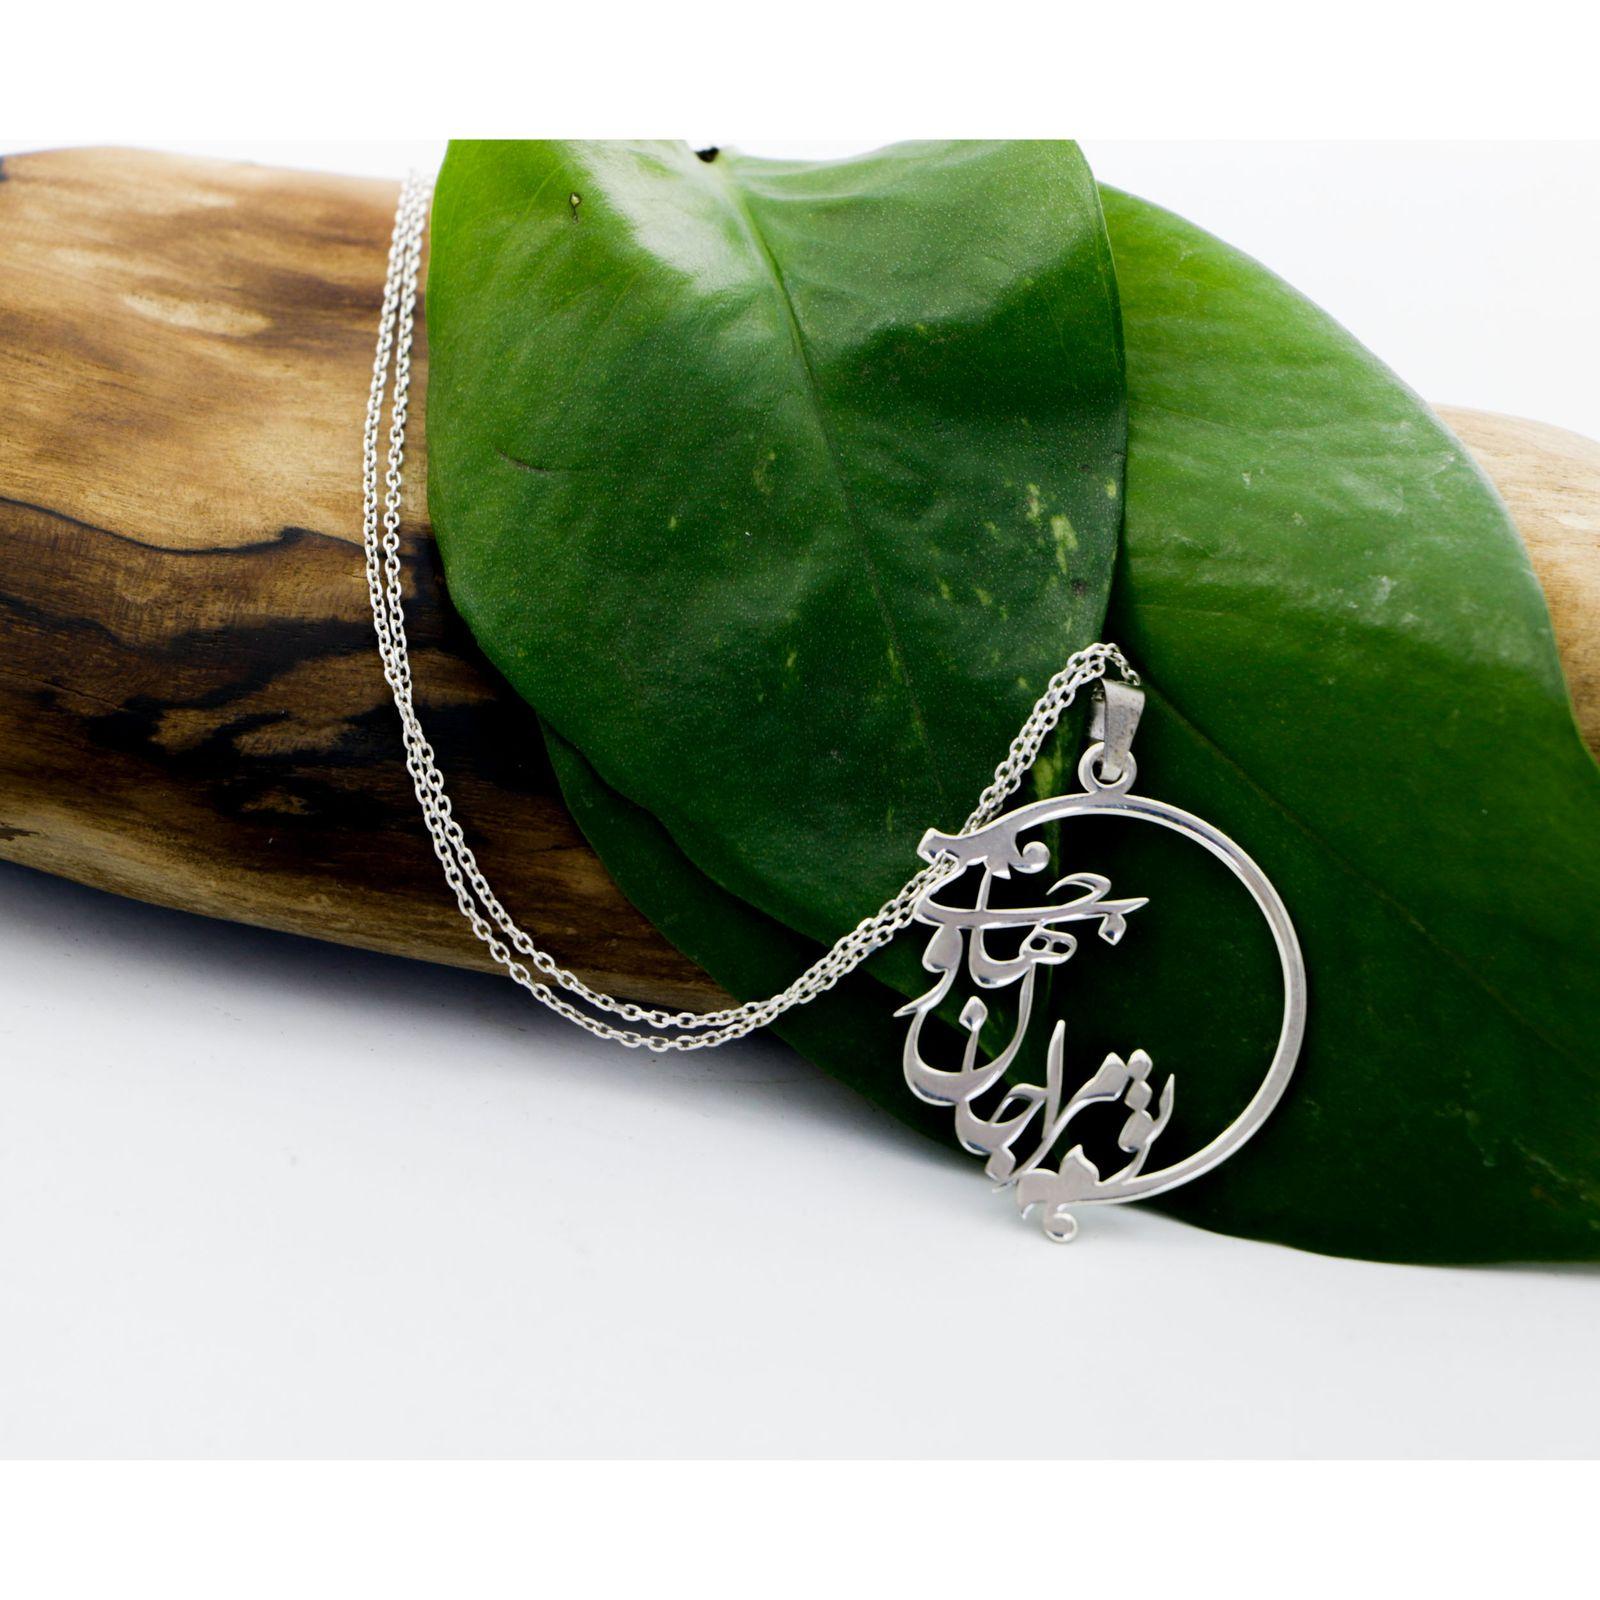 گردنبند نقره زنانه دلی جم طرح تو مرا جان جهانی کد D 75 -  - 3